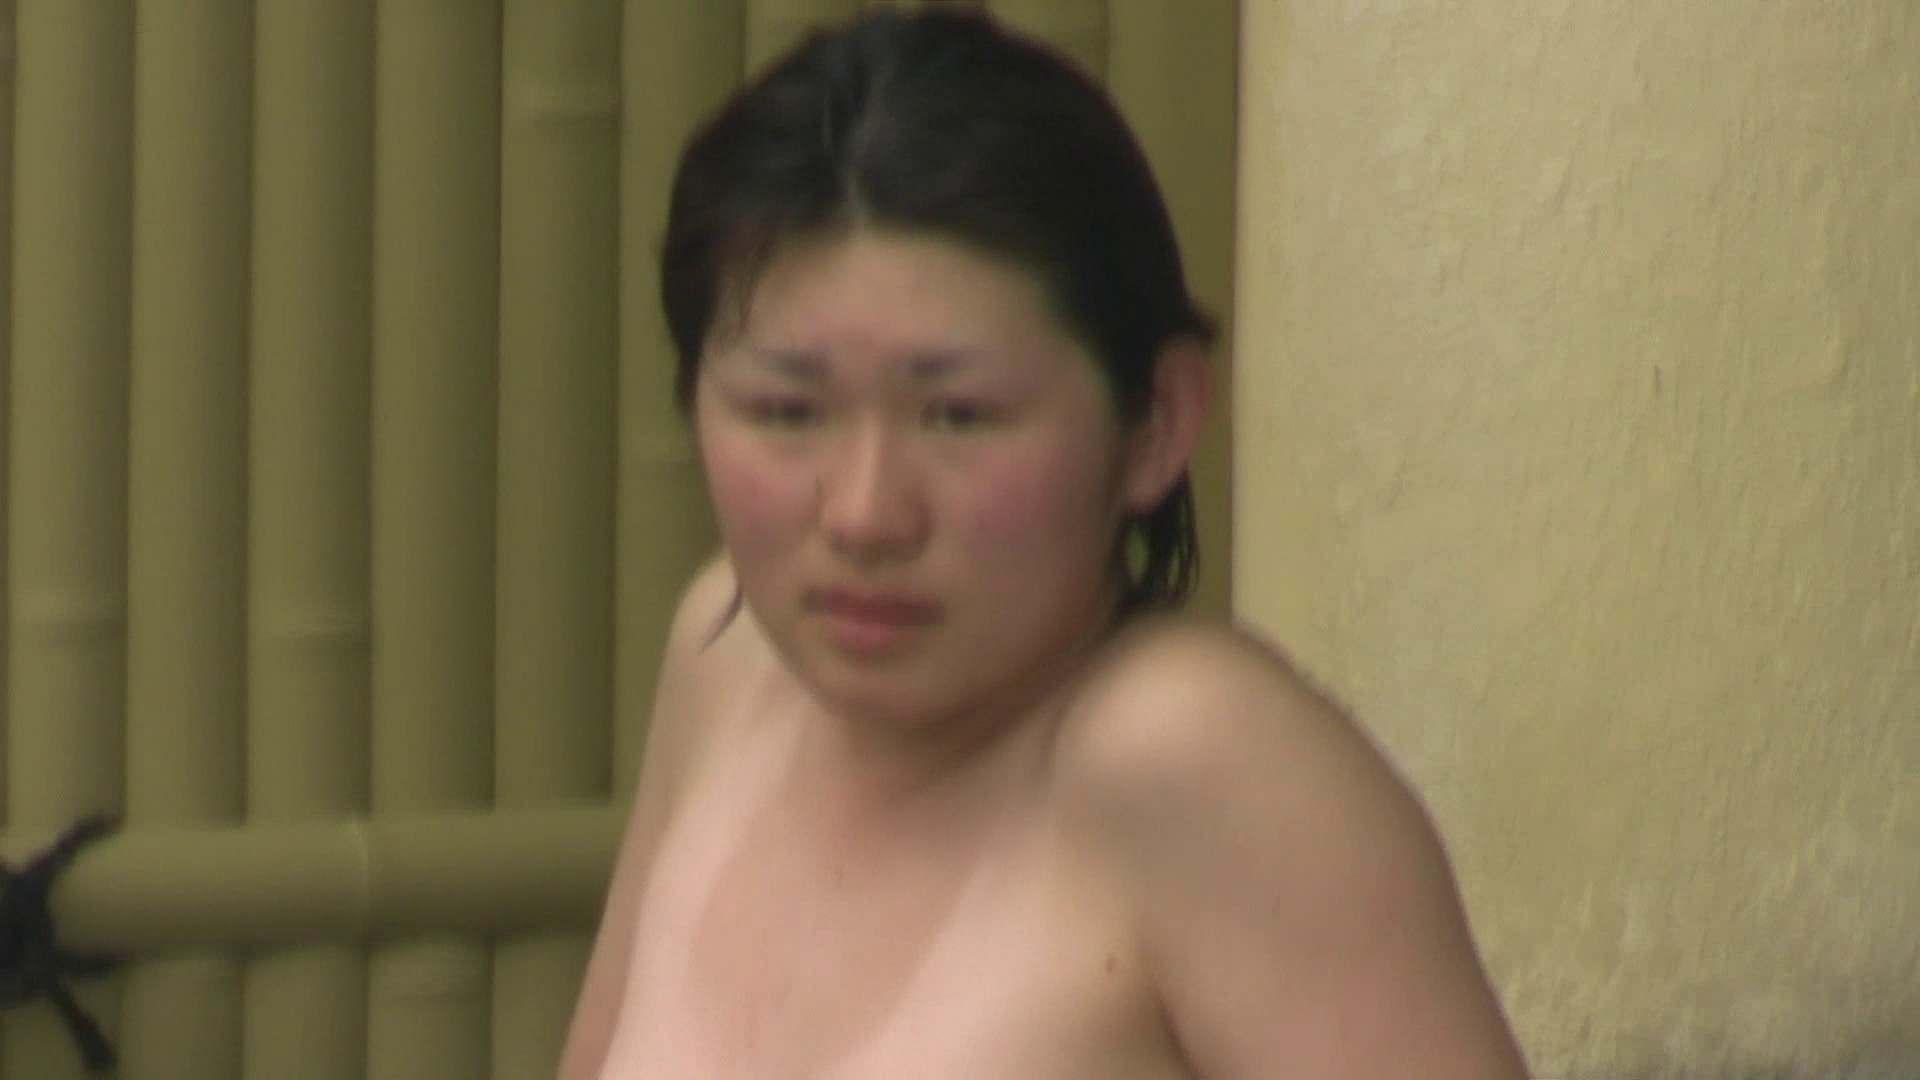 Aquaな露天風呂Vol.673 美しいOLの裸体   盗撮師作品  99pic 28